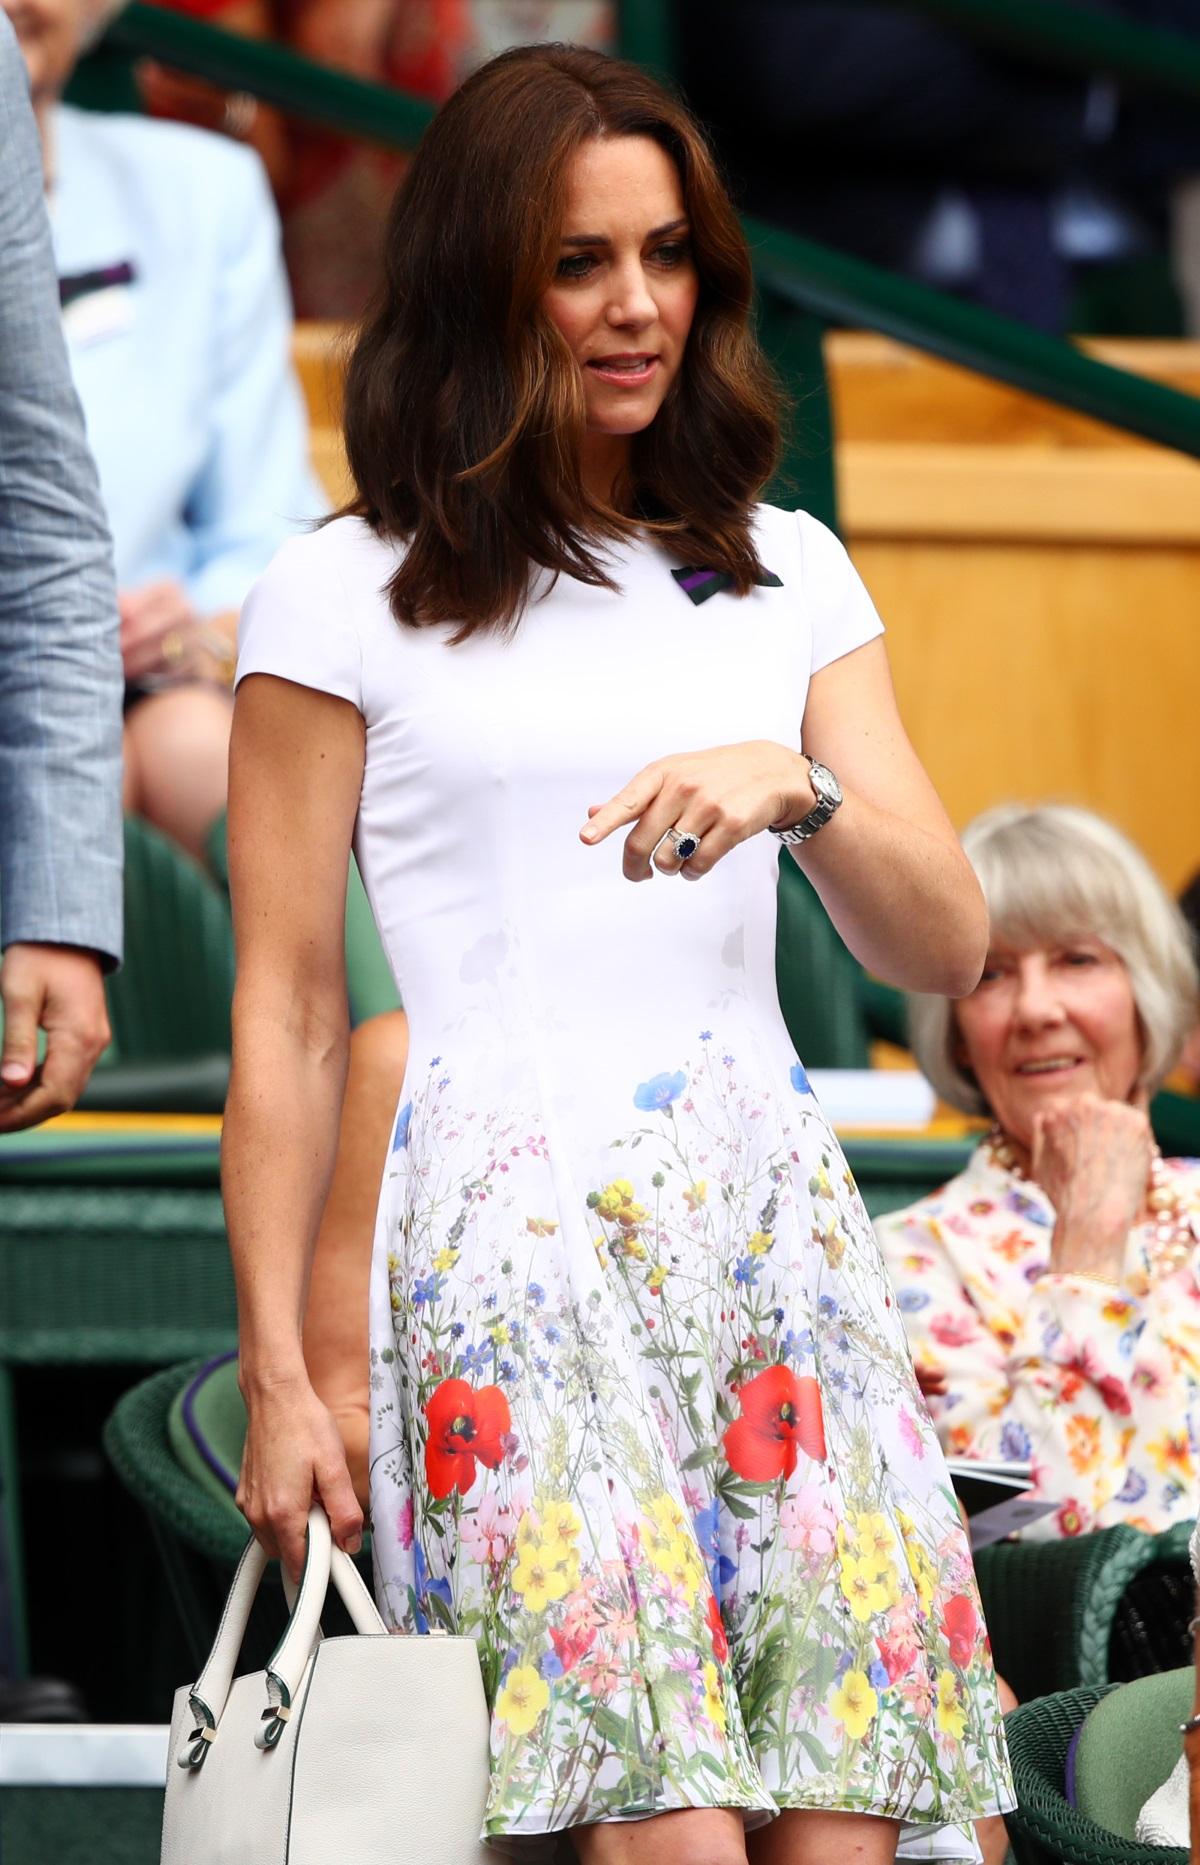 Оранжевото или не допада на херцогинята, или тя просто още не си се представя в дрехи с този цвят, отбелязва изданието Harpers Bazaar.